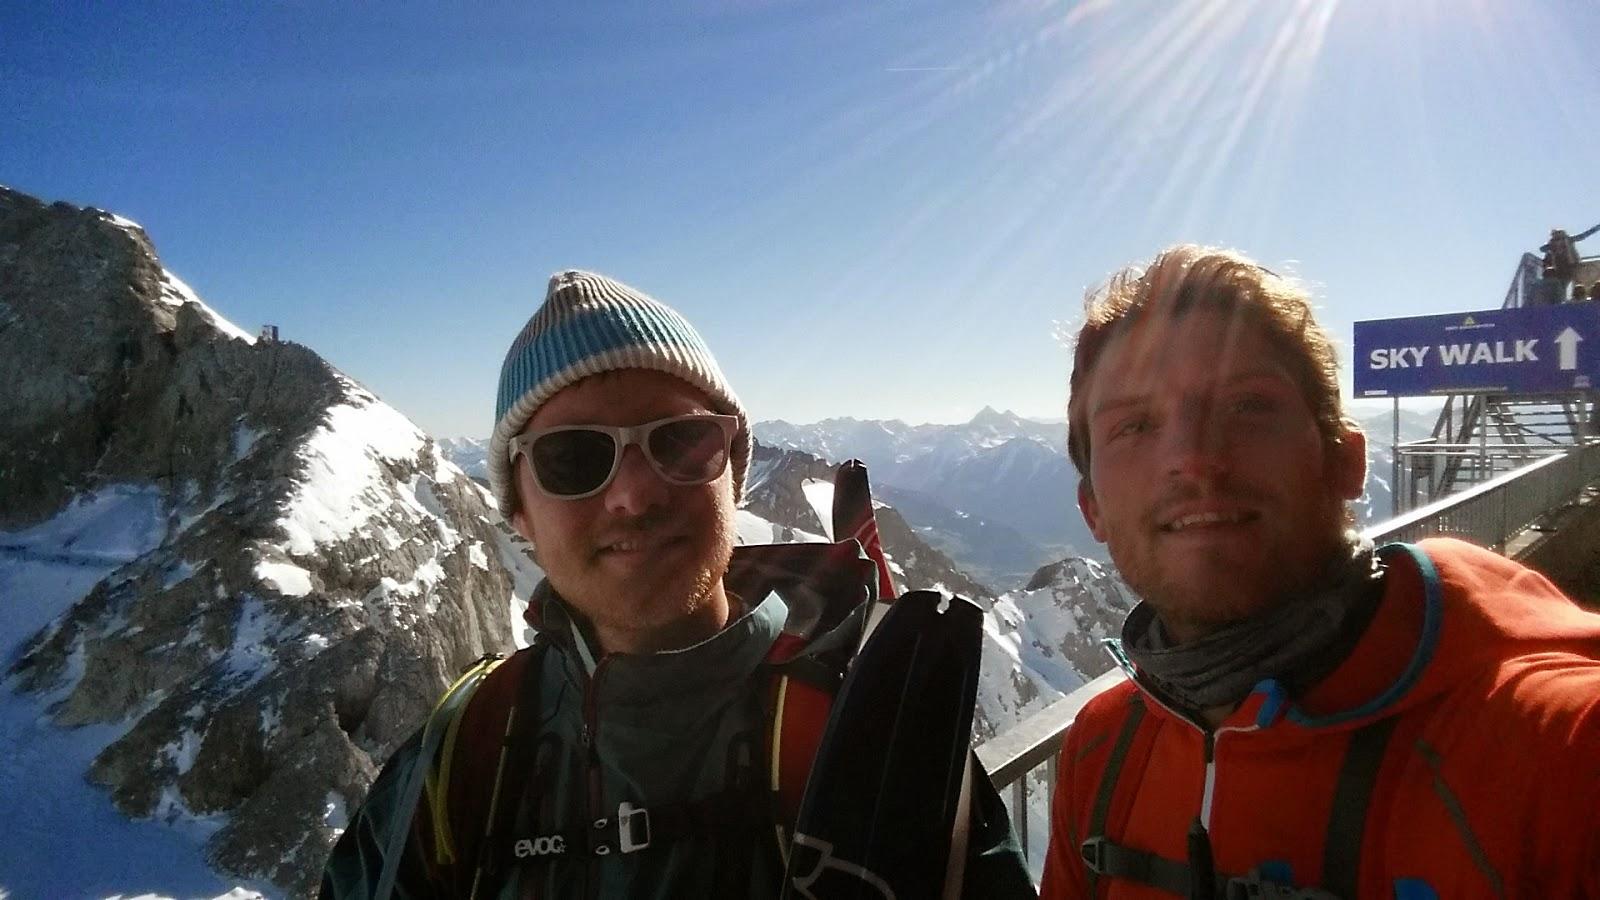 Denk Kletterausrüstung : Denk outdoor ihr spezialist für outdoorsport kanu . kajak